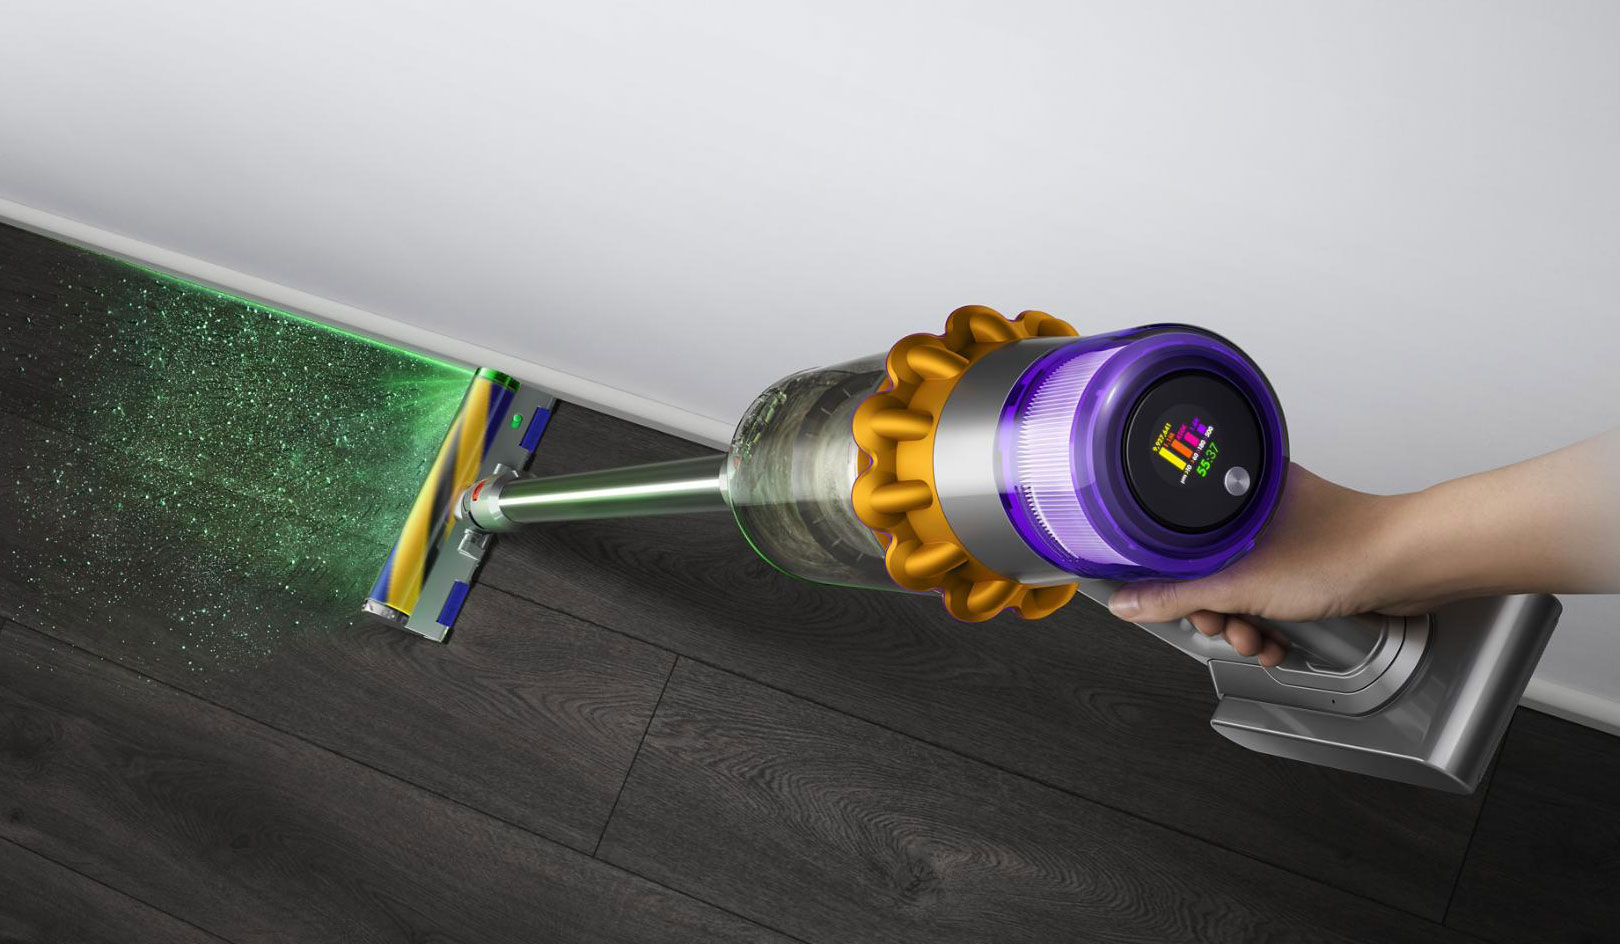 Вертикальный пылесос Dyson V15 Detect Absolute: лазер, дисплей и автоматическая регулировка мощности